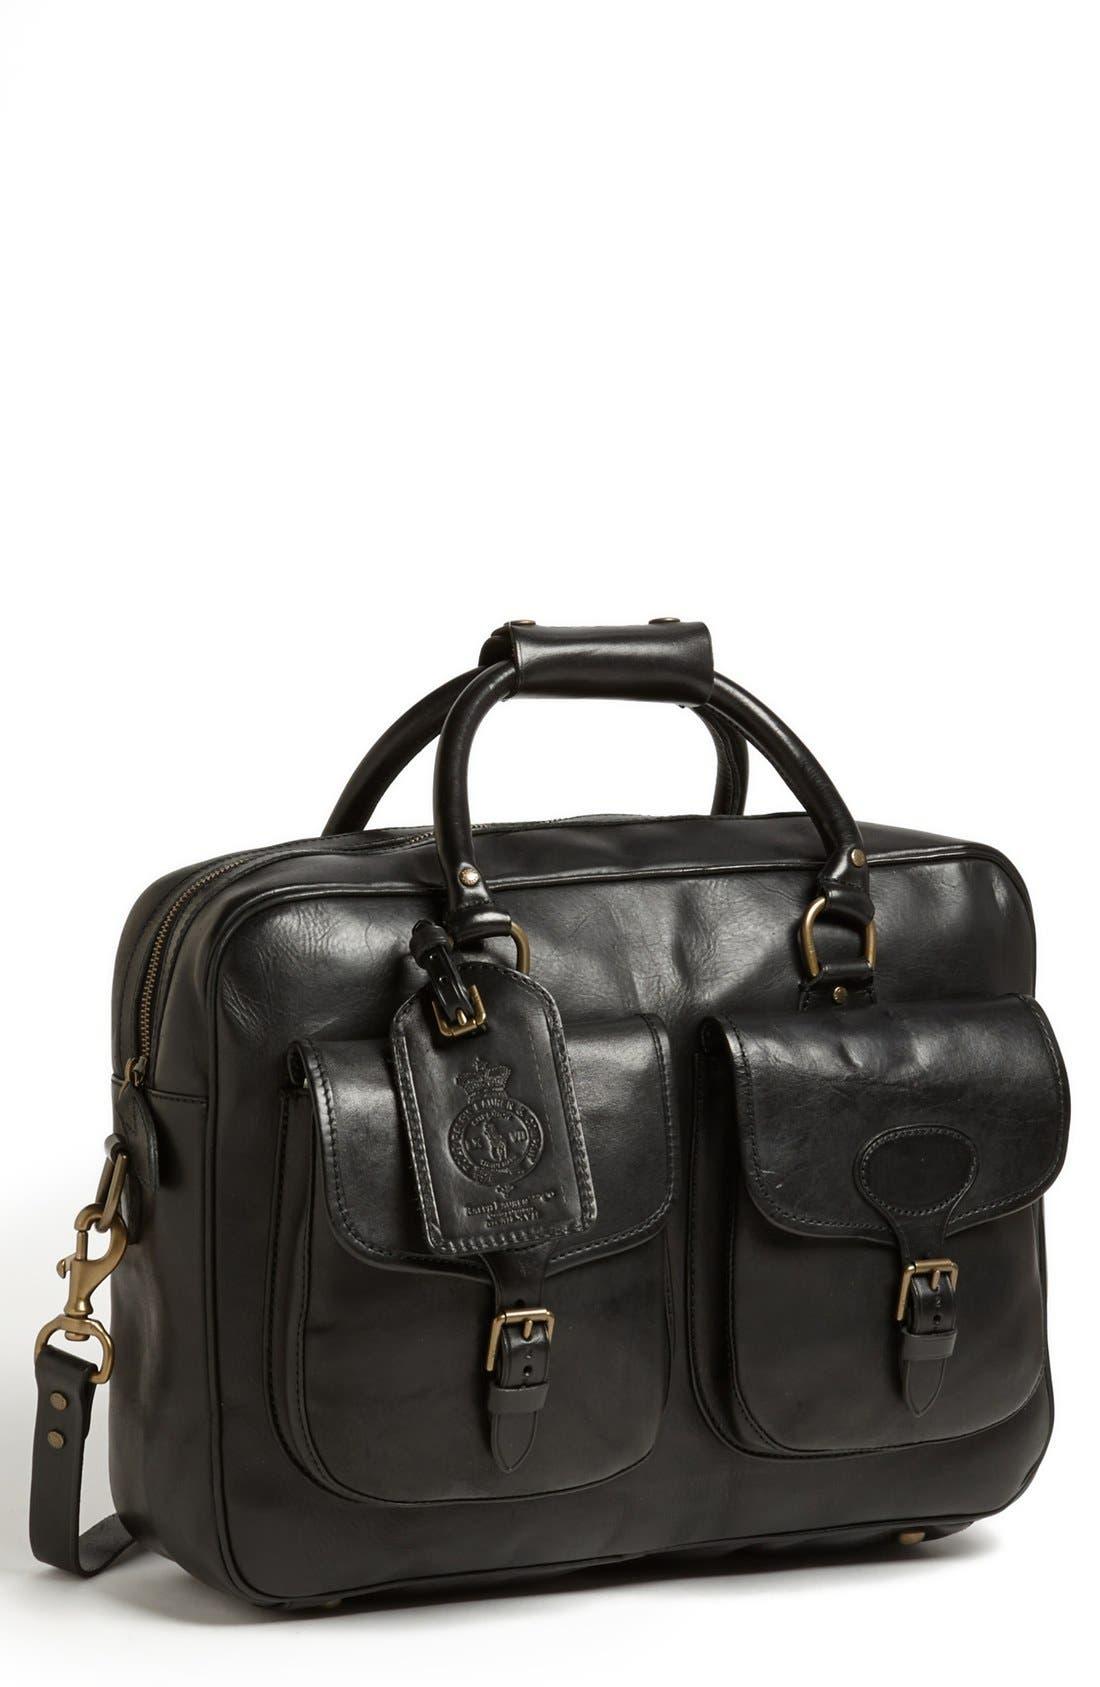 POLO RALPH LAUREN Leather Commuter Bag, Main, color, 001